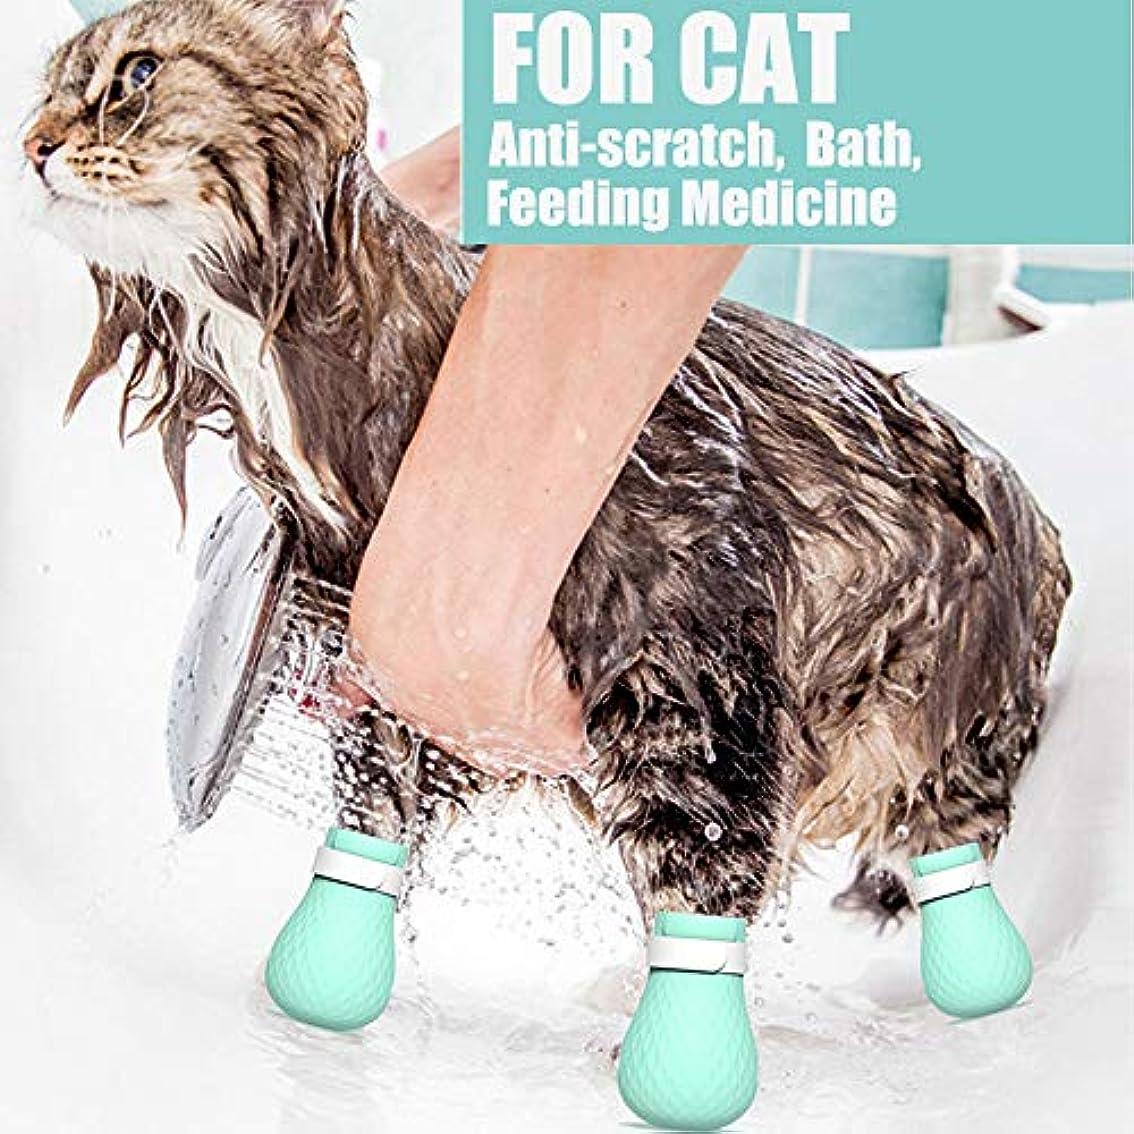 有効満員ハウジング4 PCS Anti-Scratch Cat Foot Shoes for Home Bathing, Shaving Checking Treatment (GREEN)